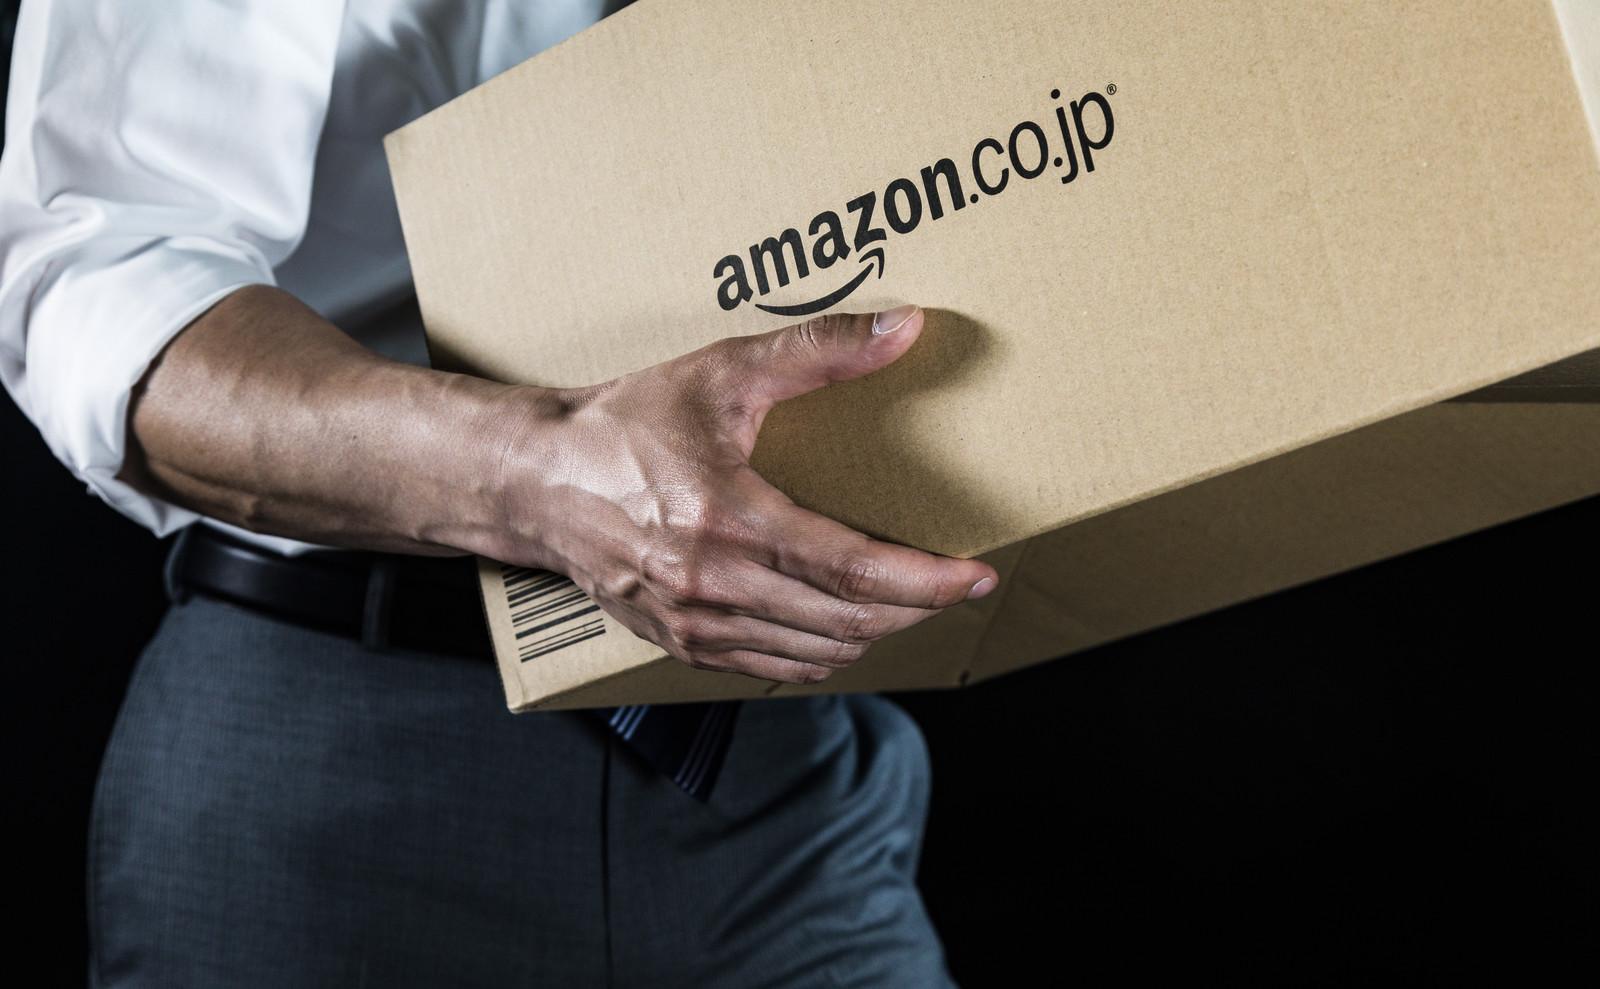 トランプ氏の発言で話題の「アマゾンの仕事」とは?